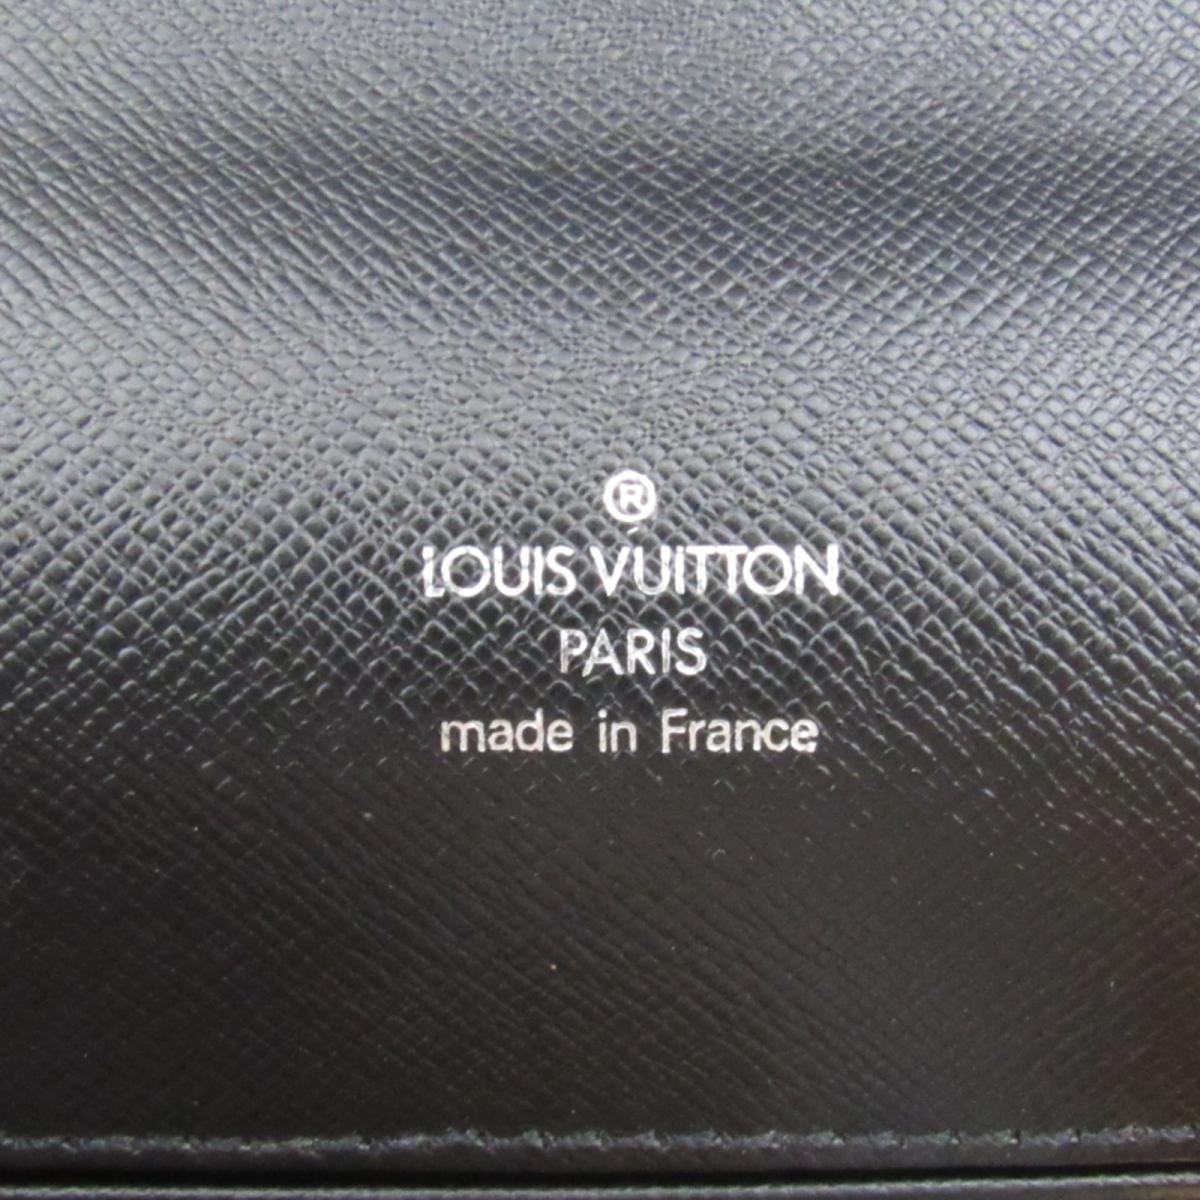 ルイヴィトン ポルトドキュマン アンガラ ビジネスバッグ メンズ タイガ アルドワーズM30772LOUIS VUITTON BRANDOFF ブランドオフ ヴィトン ルイ・ヴィトン ブランド ブランドバッグ バッグ ビジネスバック 仕事用Tc3JlFKu1